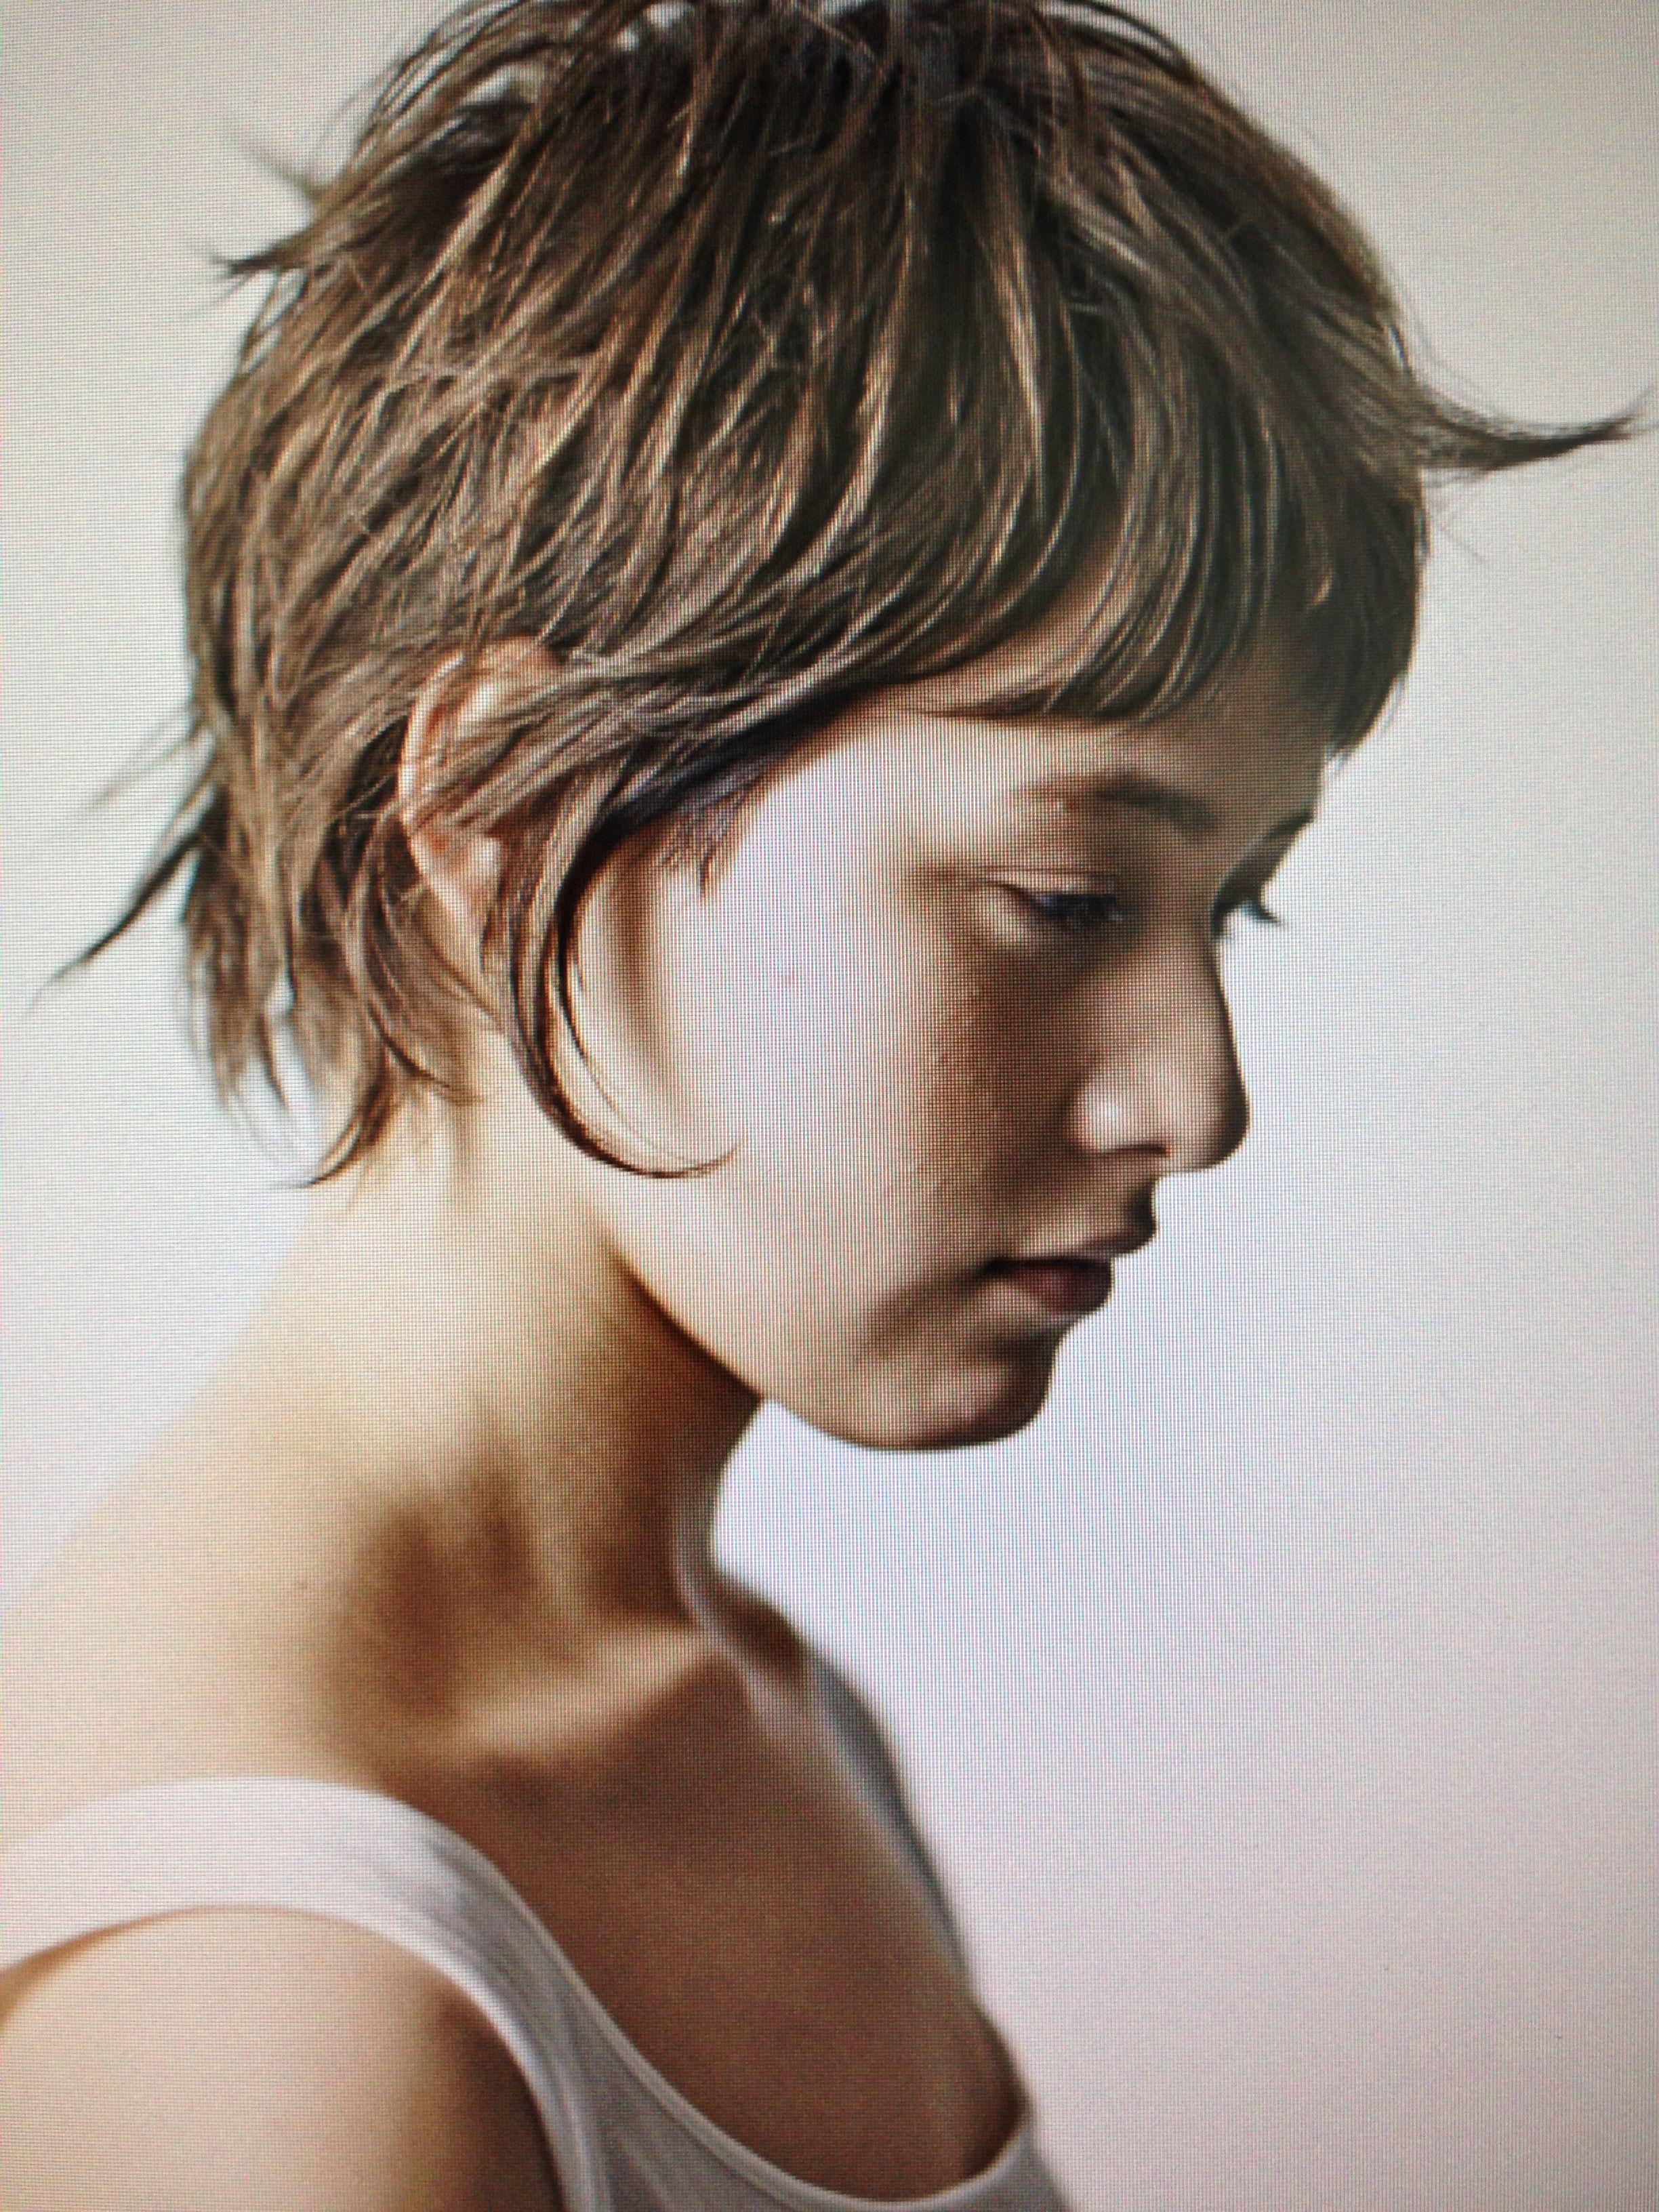 Hair this looks like cyndius little girl haircute so cute